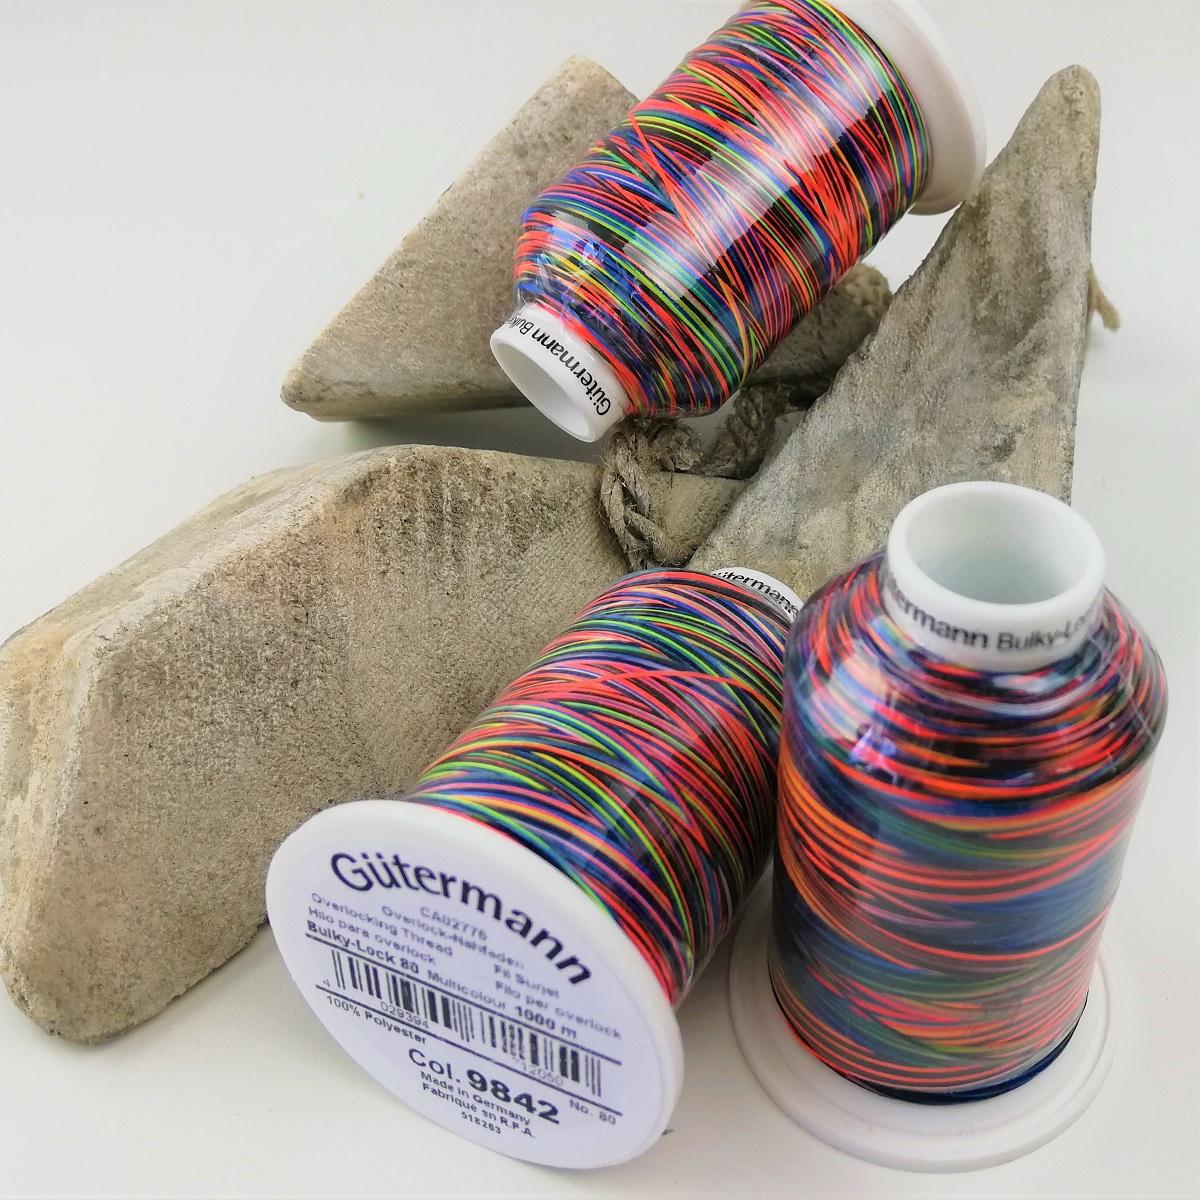 """Gütermann Bauschgarn Bulky-Lock 80 Multicolor """"Rainbow dark"""" 9842, 1000m"""